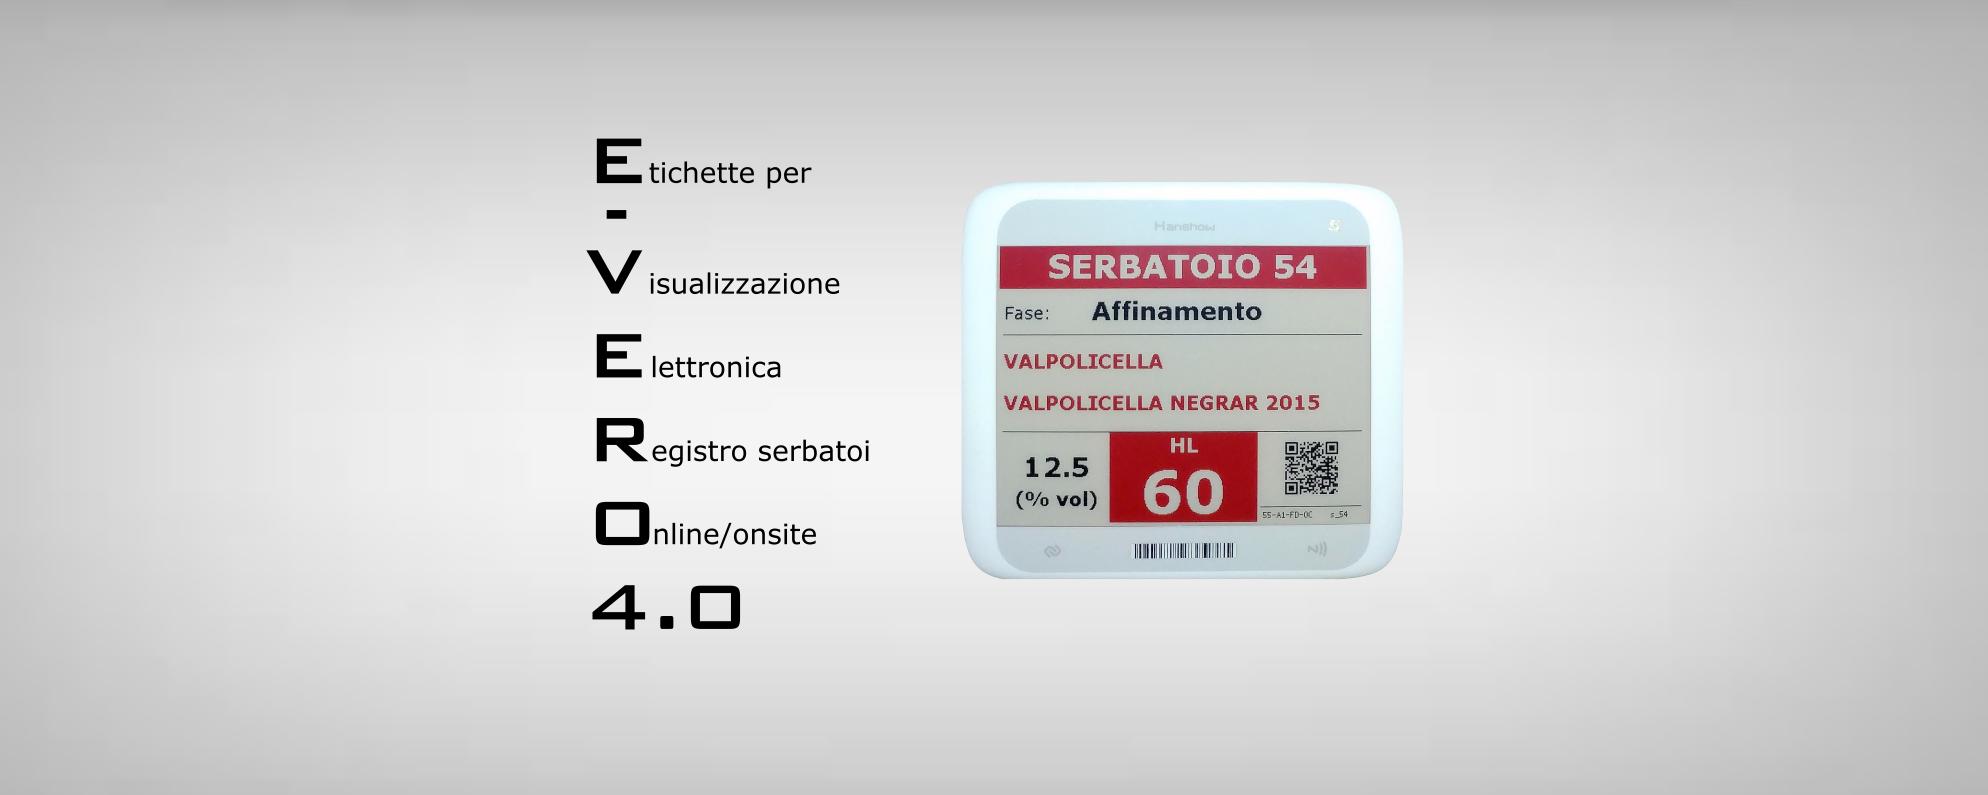 E-VERO - Etichette Elettroniche per Cantine - serbatoi Vino